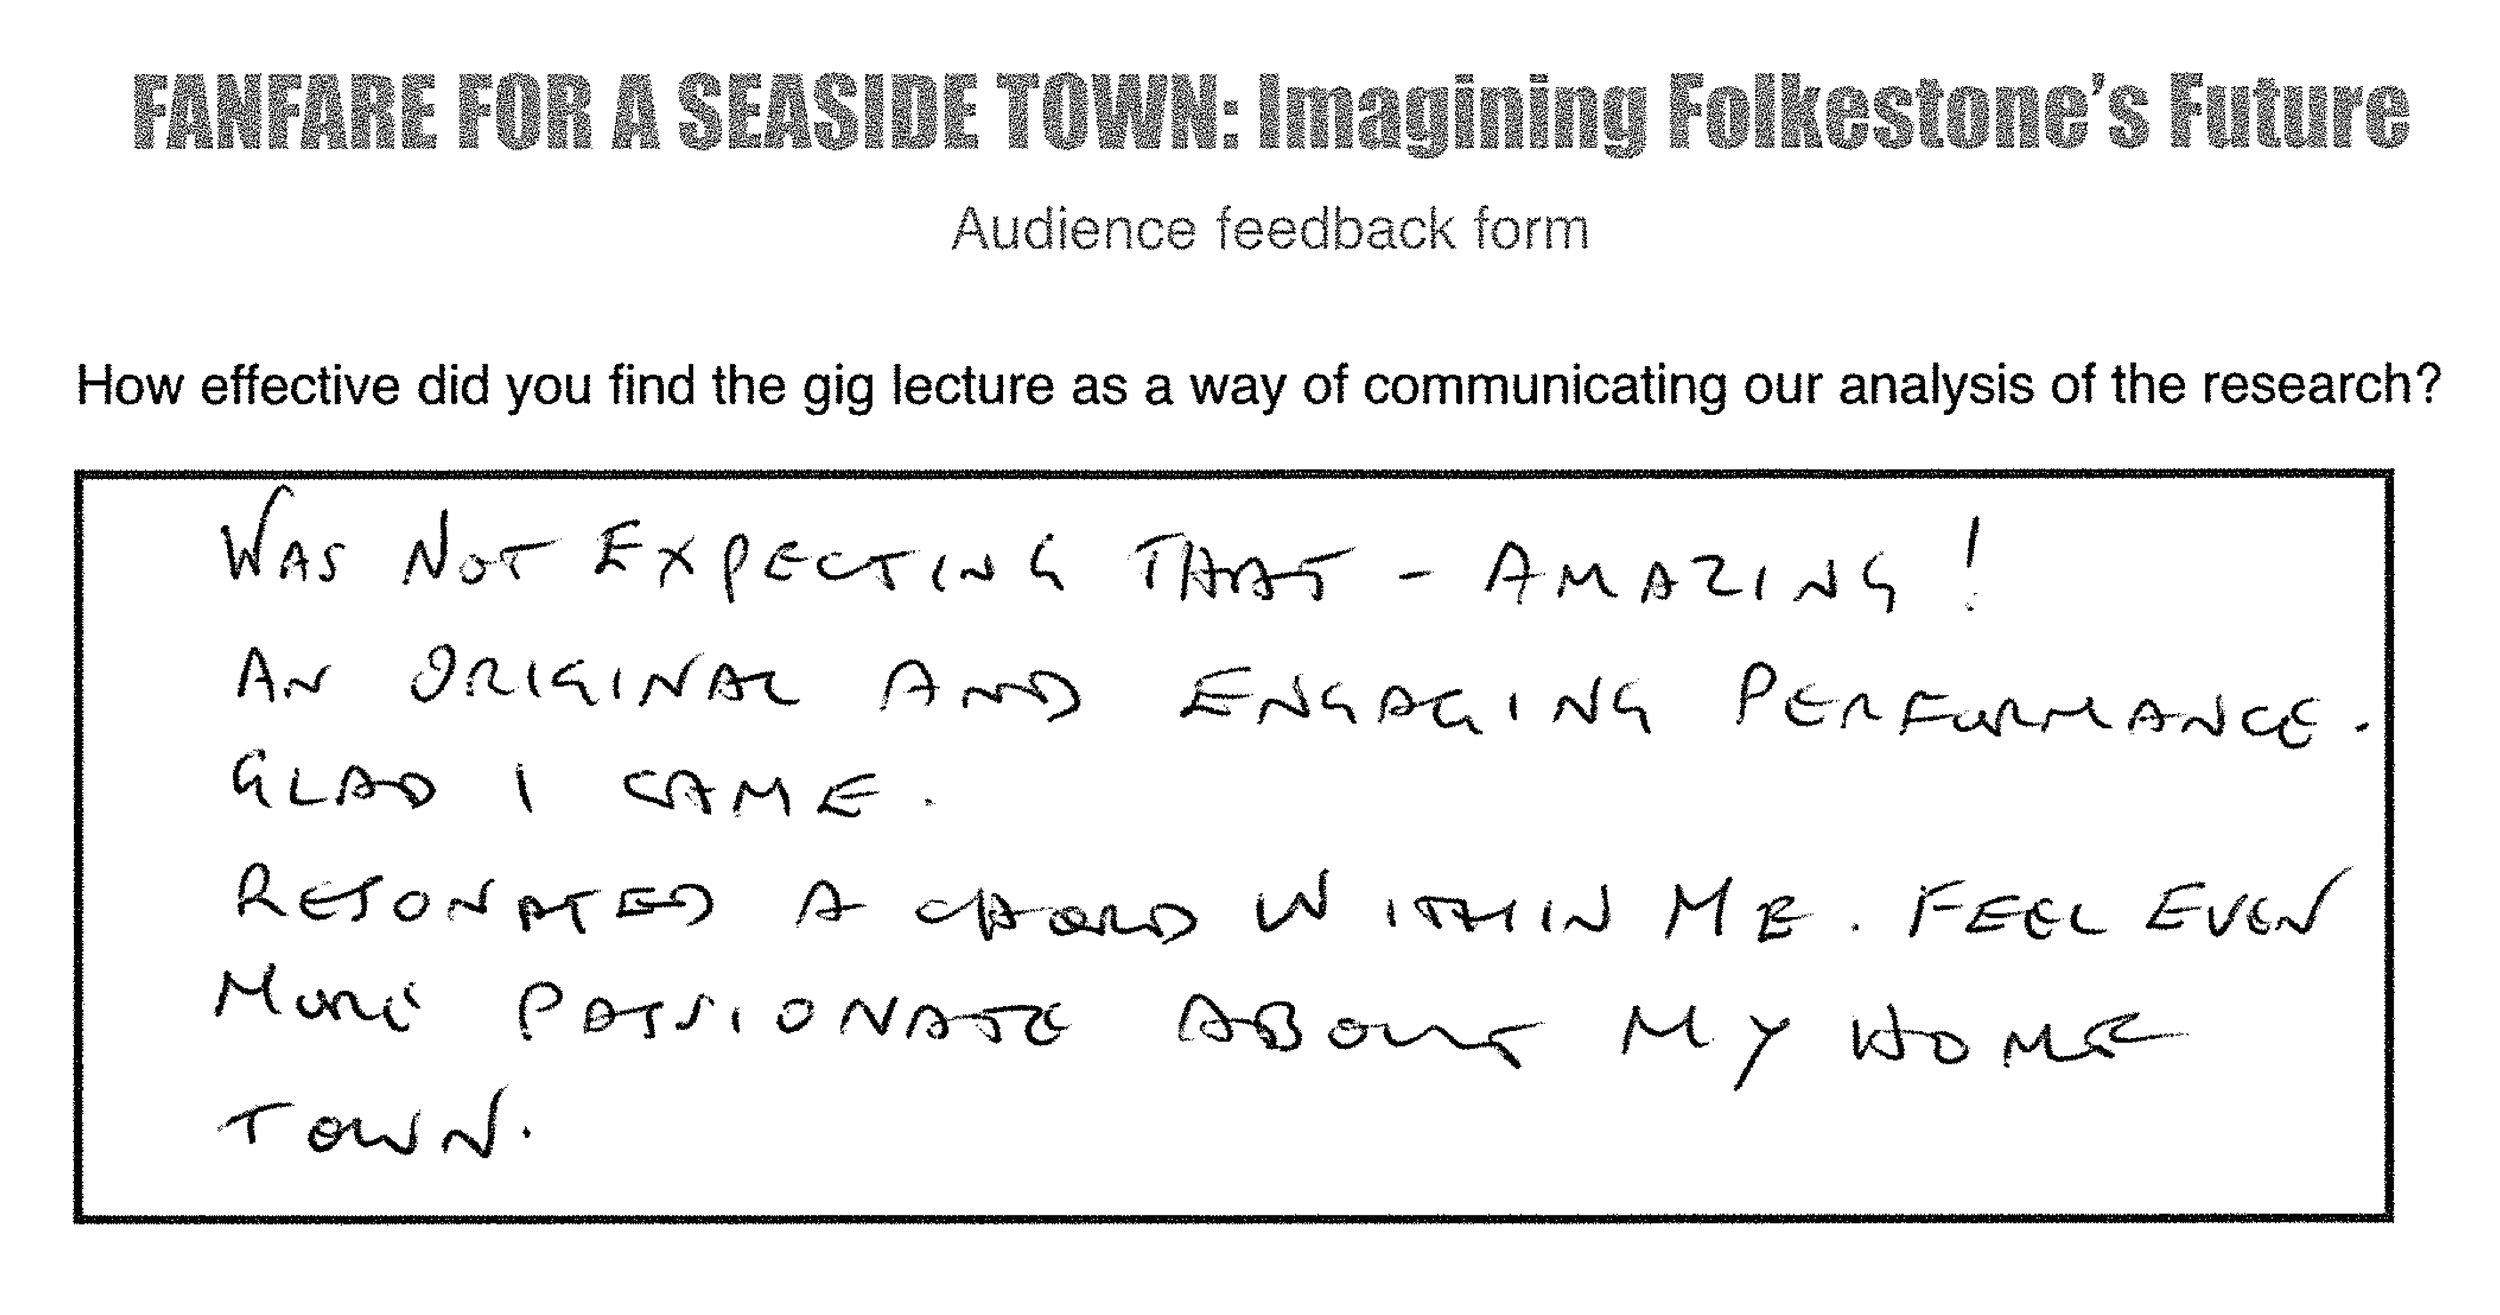 FFAST feedback1.jpg